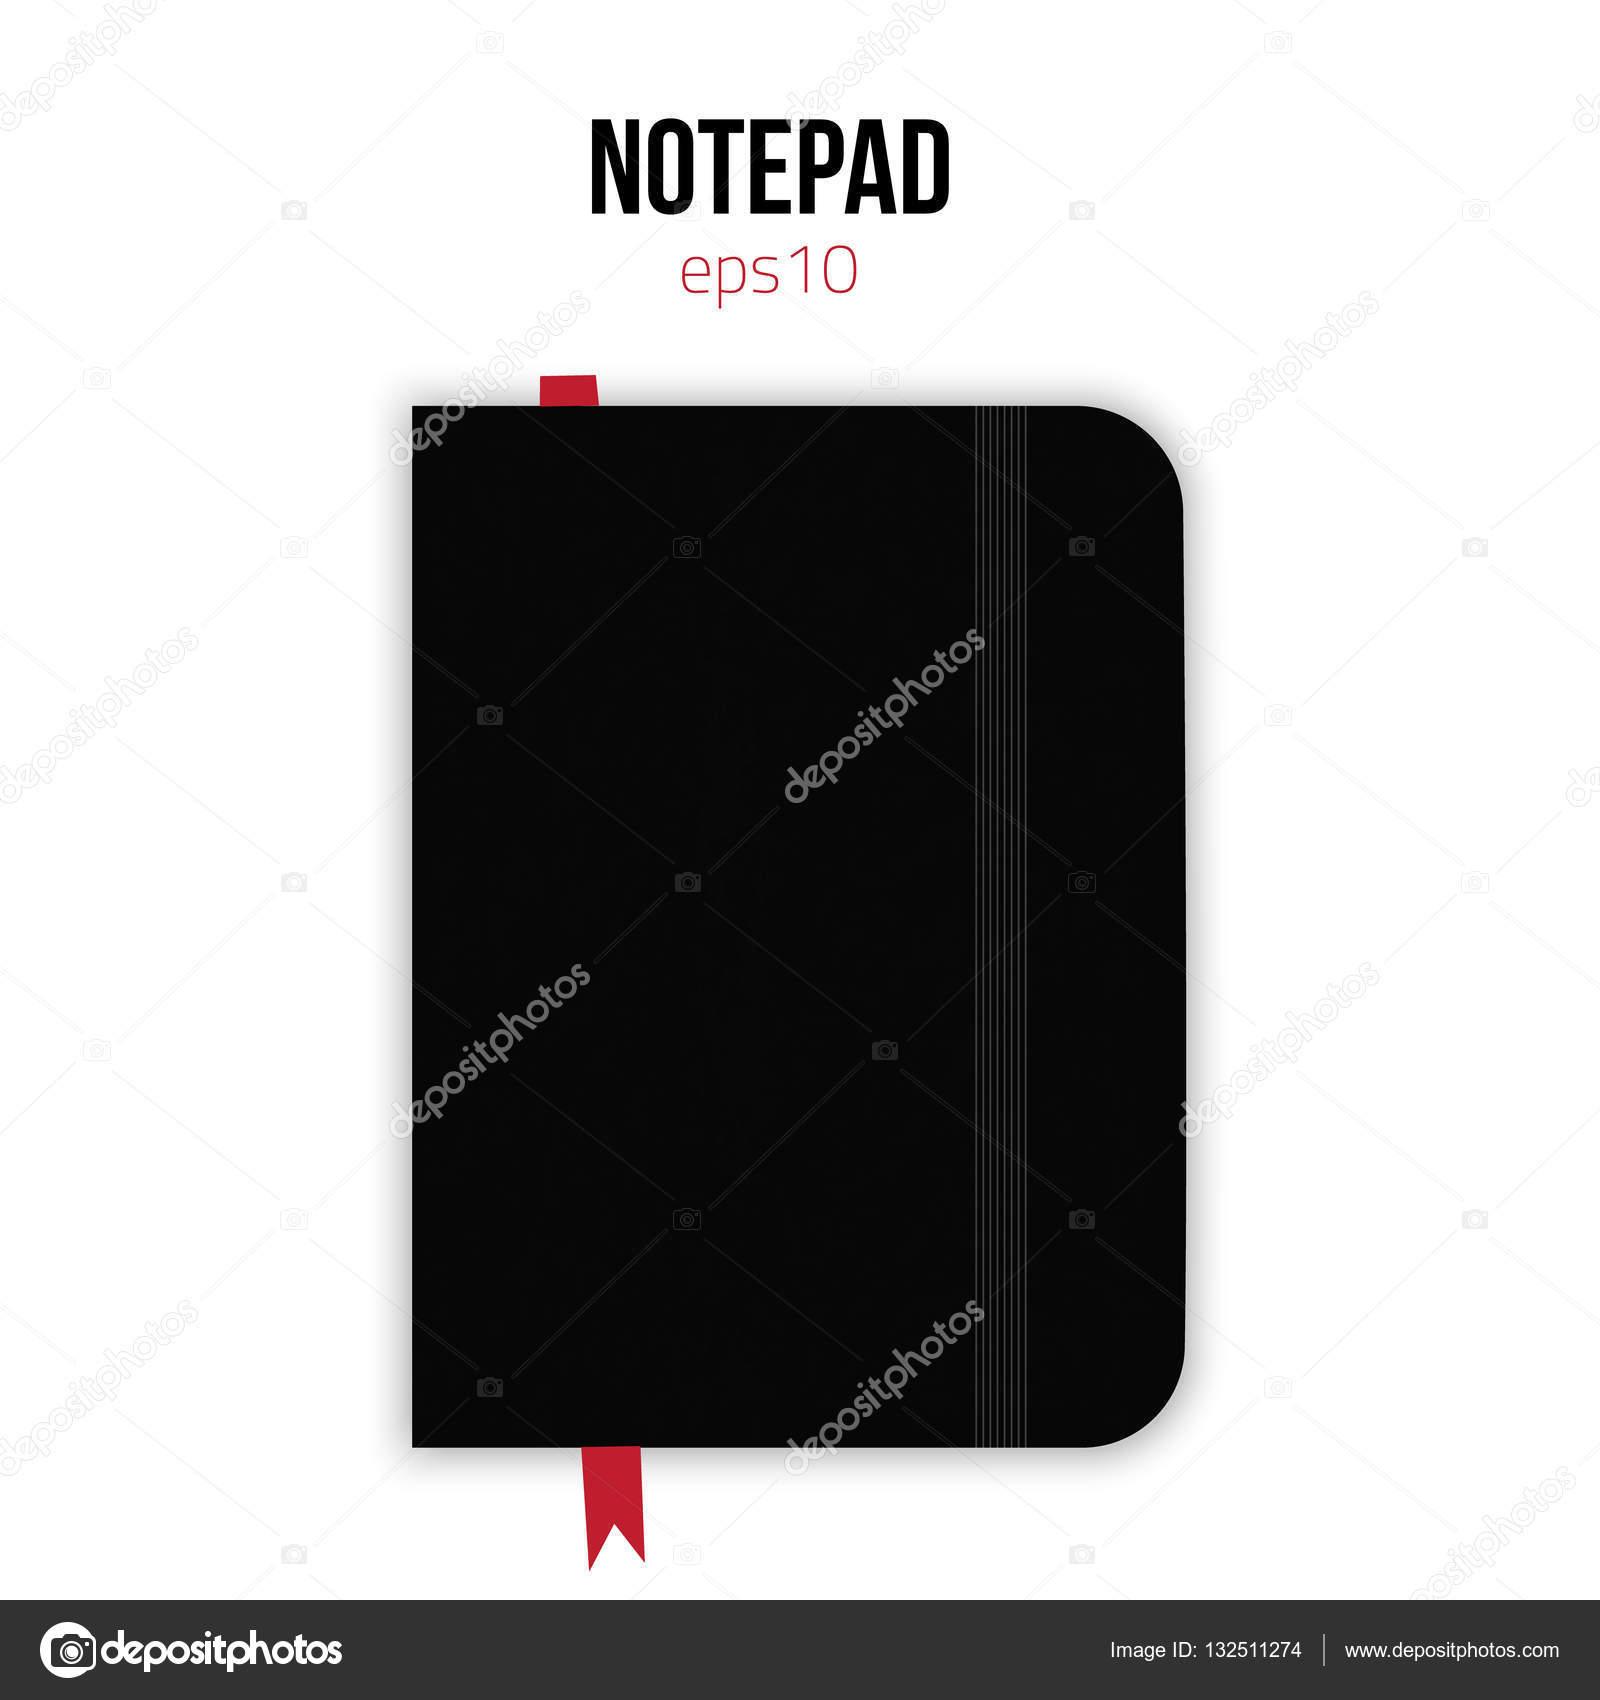 Schwarzen Interfacemodule Vorlage mit Gummiband und rote Lesezeichen ...